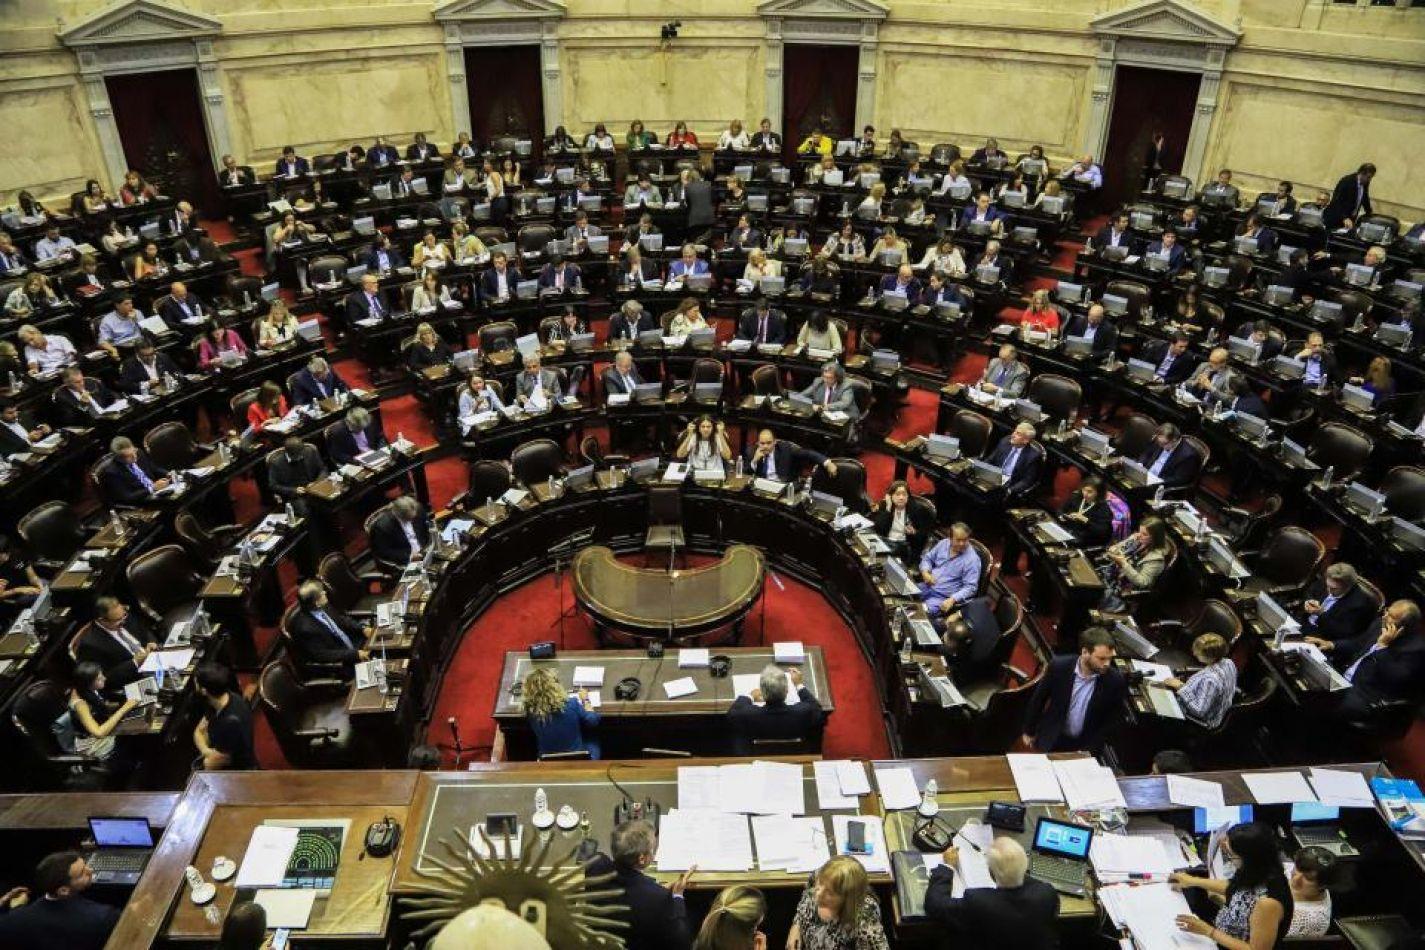 Se trata en comisión el proyecto para terminar con jubilaciones de privilegio, legisladores expresaron su apoyo